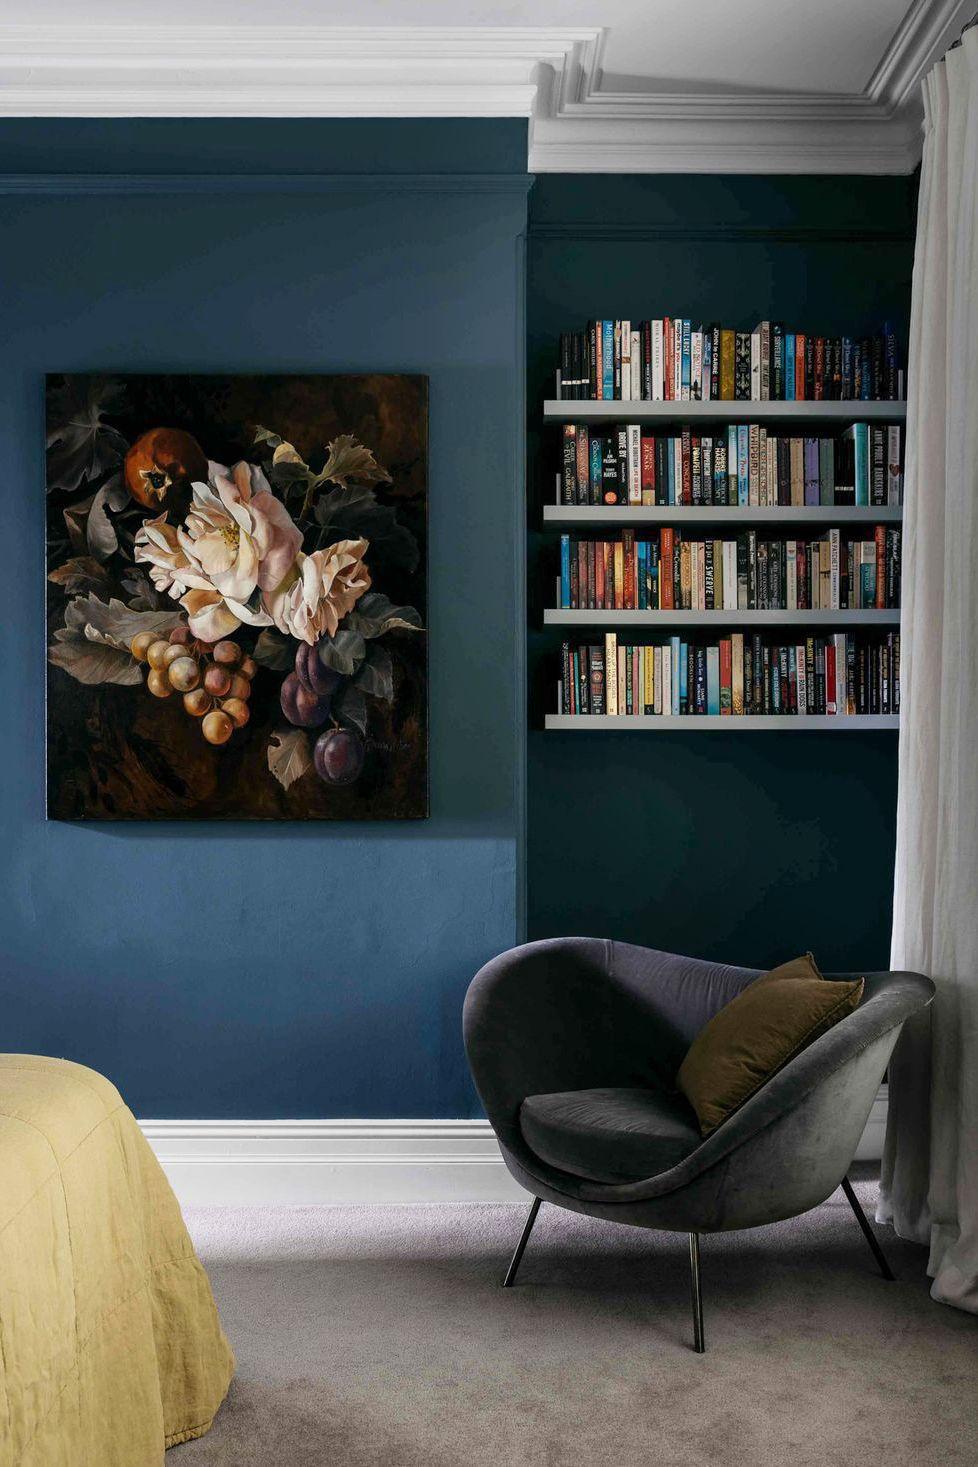 hình ảnh một góc phòng ngủ với kệ nổi trữ sách, ghế bành êm ái, ga trải giường màu vàng chanh nổi bật